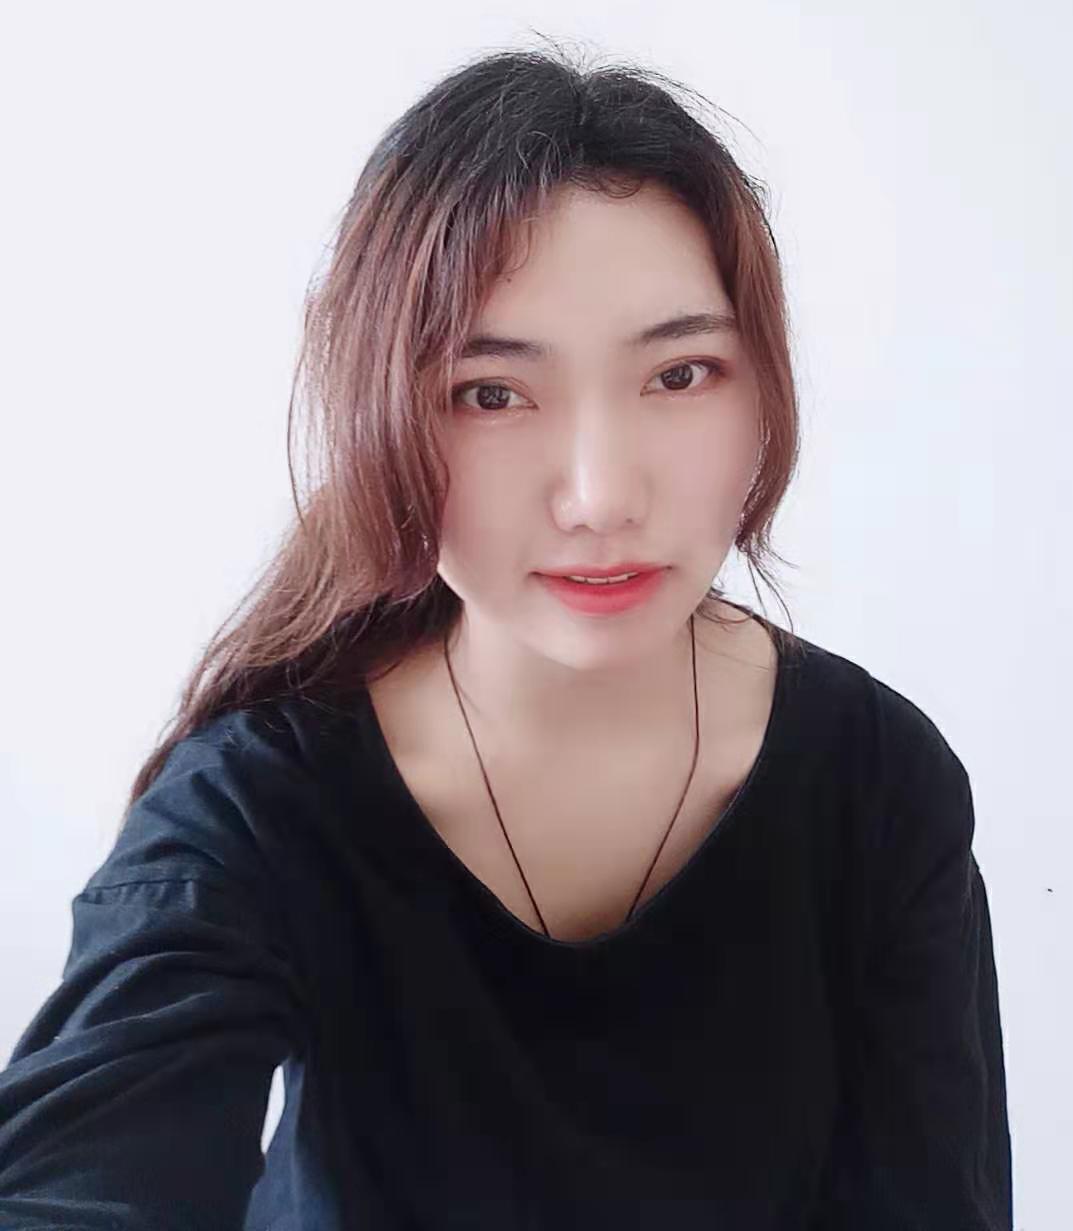 明皖装饰设计师范晓婉